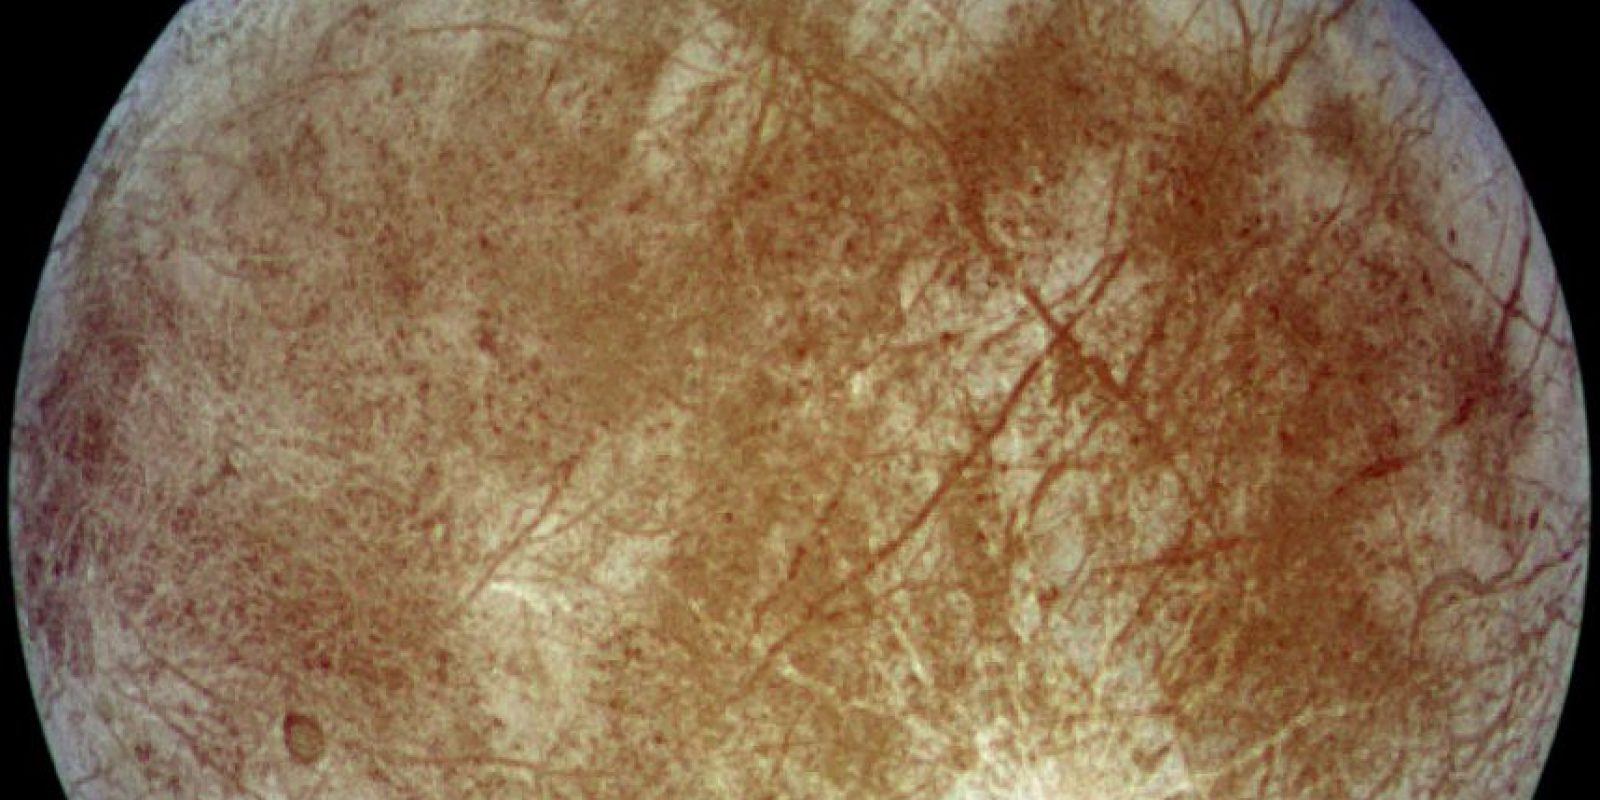 Foto:Europa, luna de Júpiter. Los científicos sospechan fuertemente que un océano salado bajo la superficie se encuentra debajo de la corteza helada de Europa. El calentamiento por marea de su planeta madre, Júpiter, mantiene el estado líquido de este océano, y también crea bolsillos parcialmente derretidos, o lagos, a lo largo de la cáscara externa de la luna.